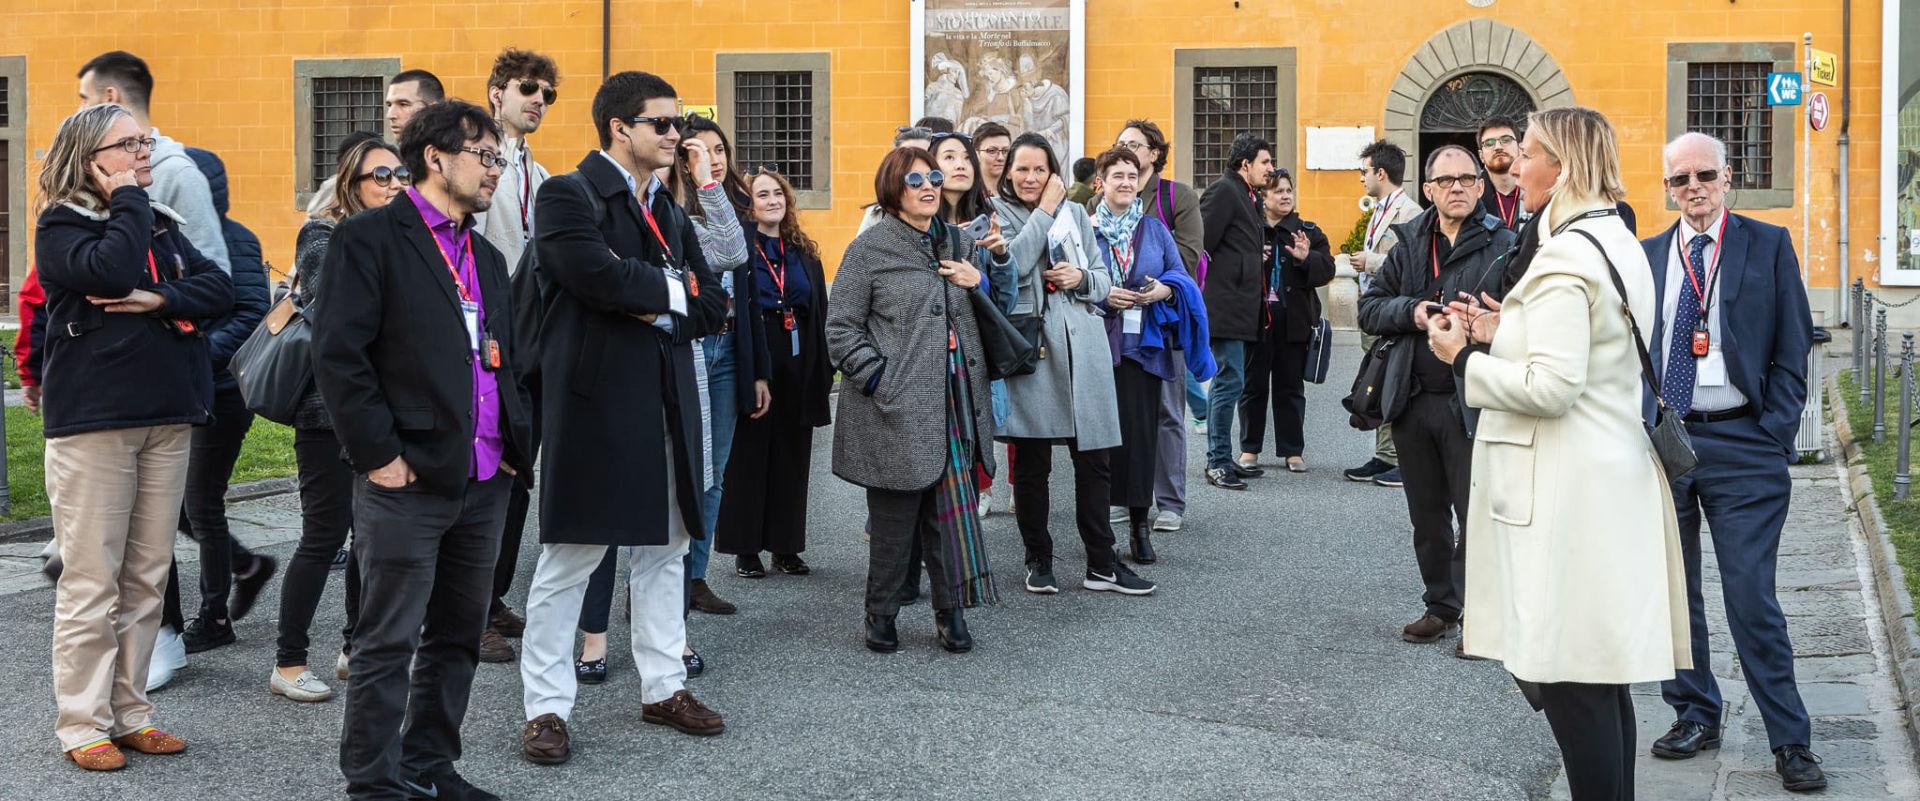 Piazza dei Miracoli - Visita guidata al complesso monumentale